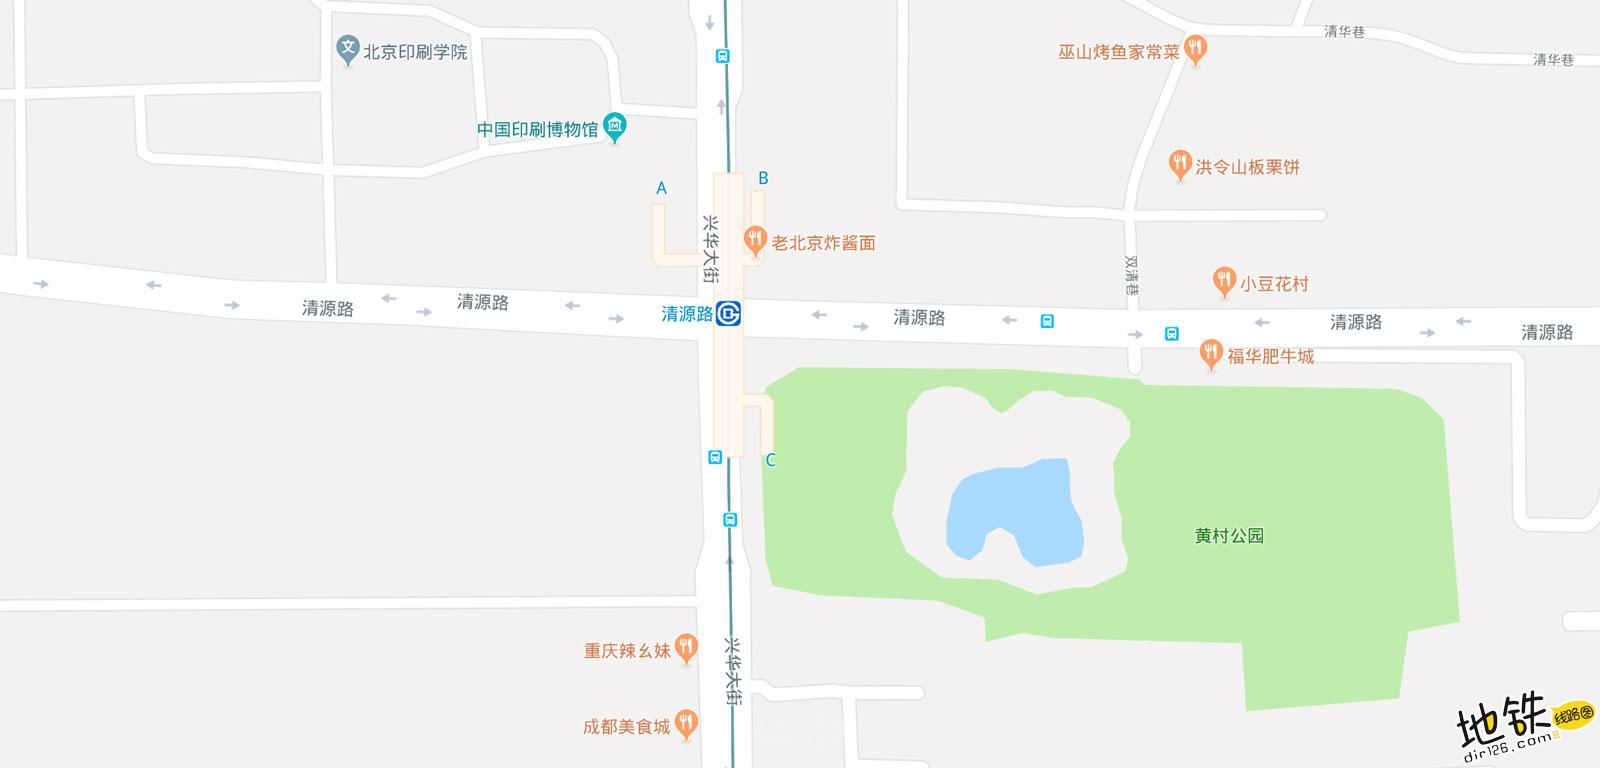 清源路地铁站 北京地铁清源路站出入口 地图信息查询  北京地铁站  第2张